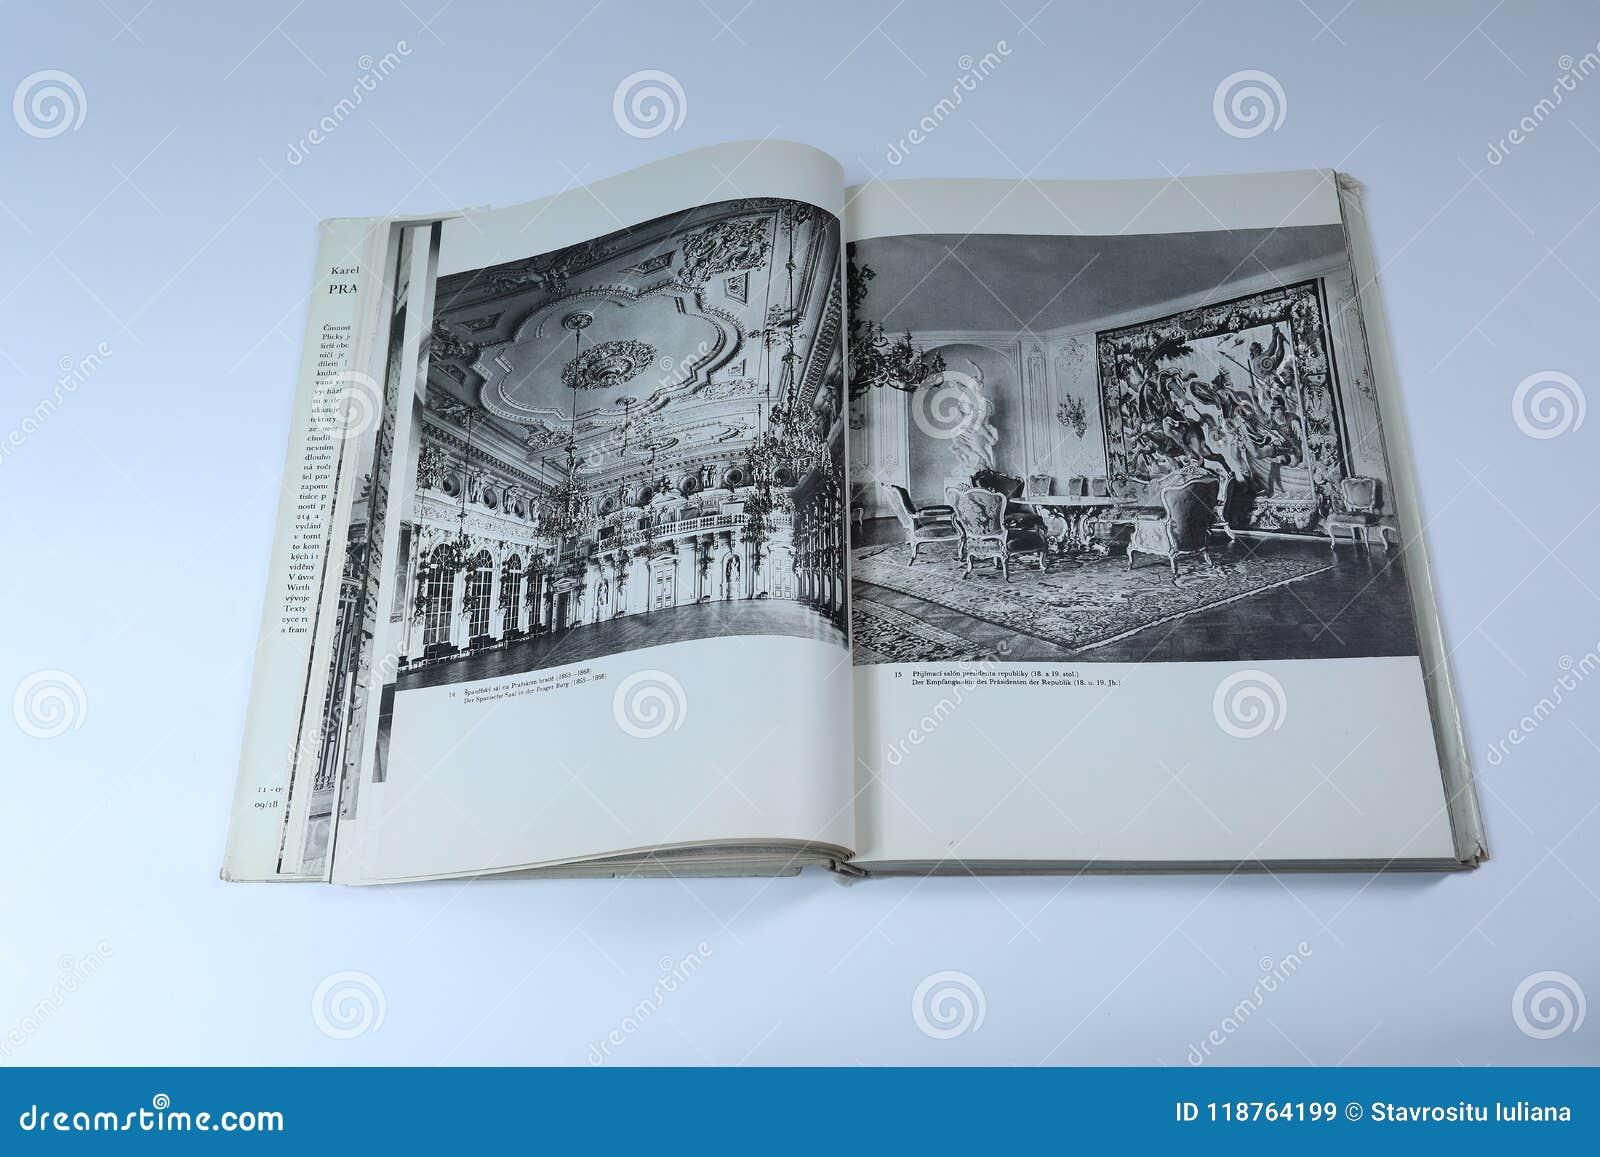 Livre Architecture D Intérieur prague dans le livre d'images par karel plicka architecture